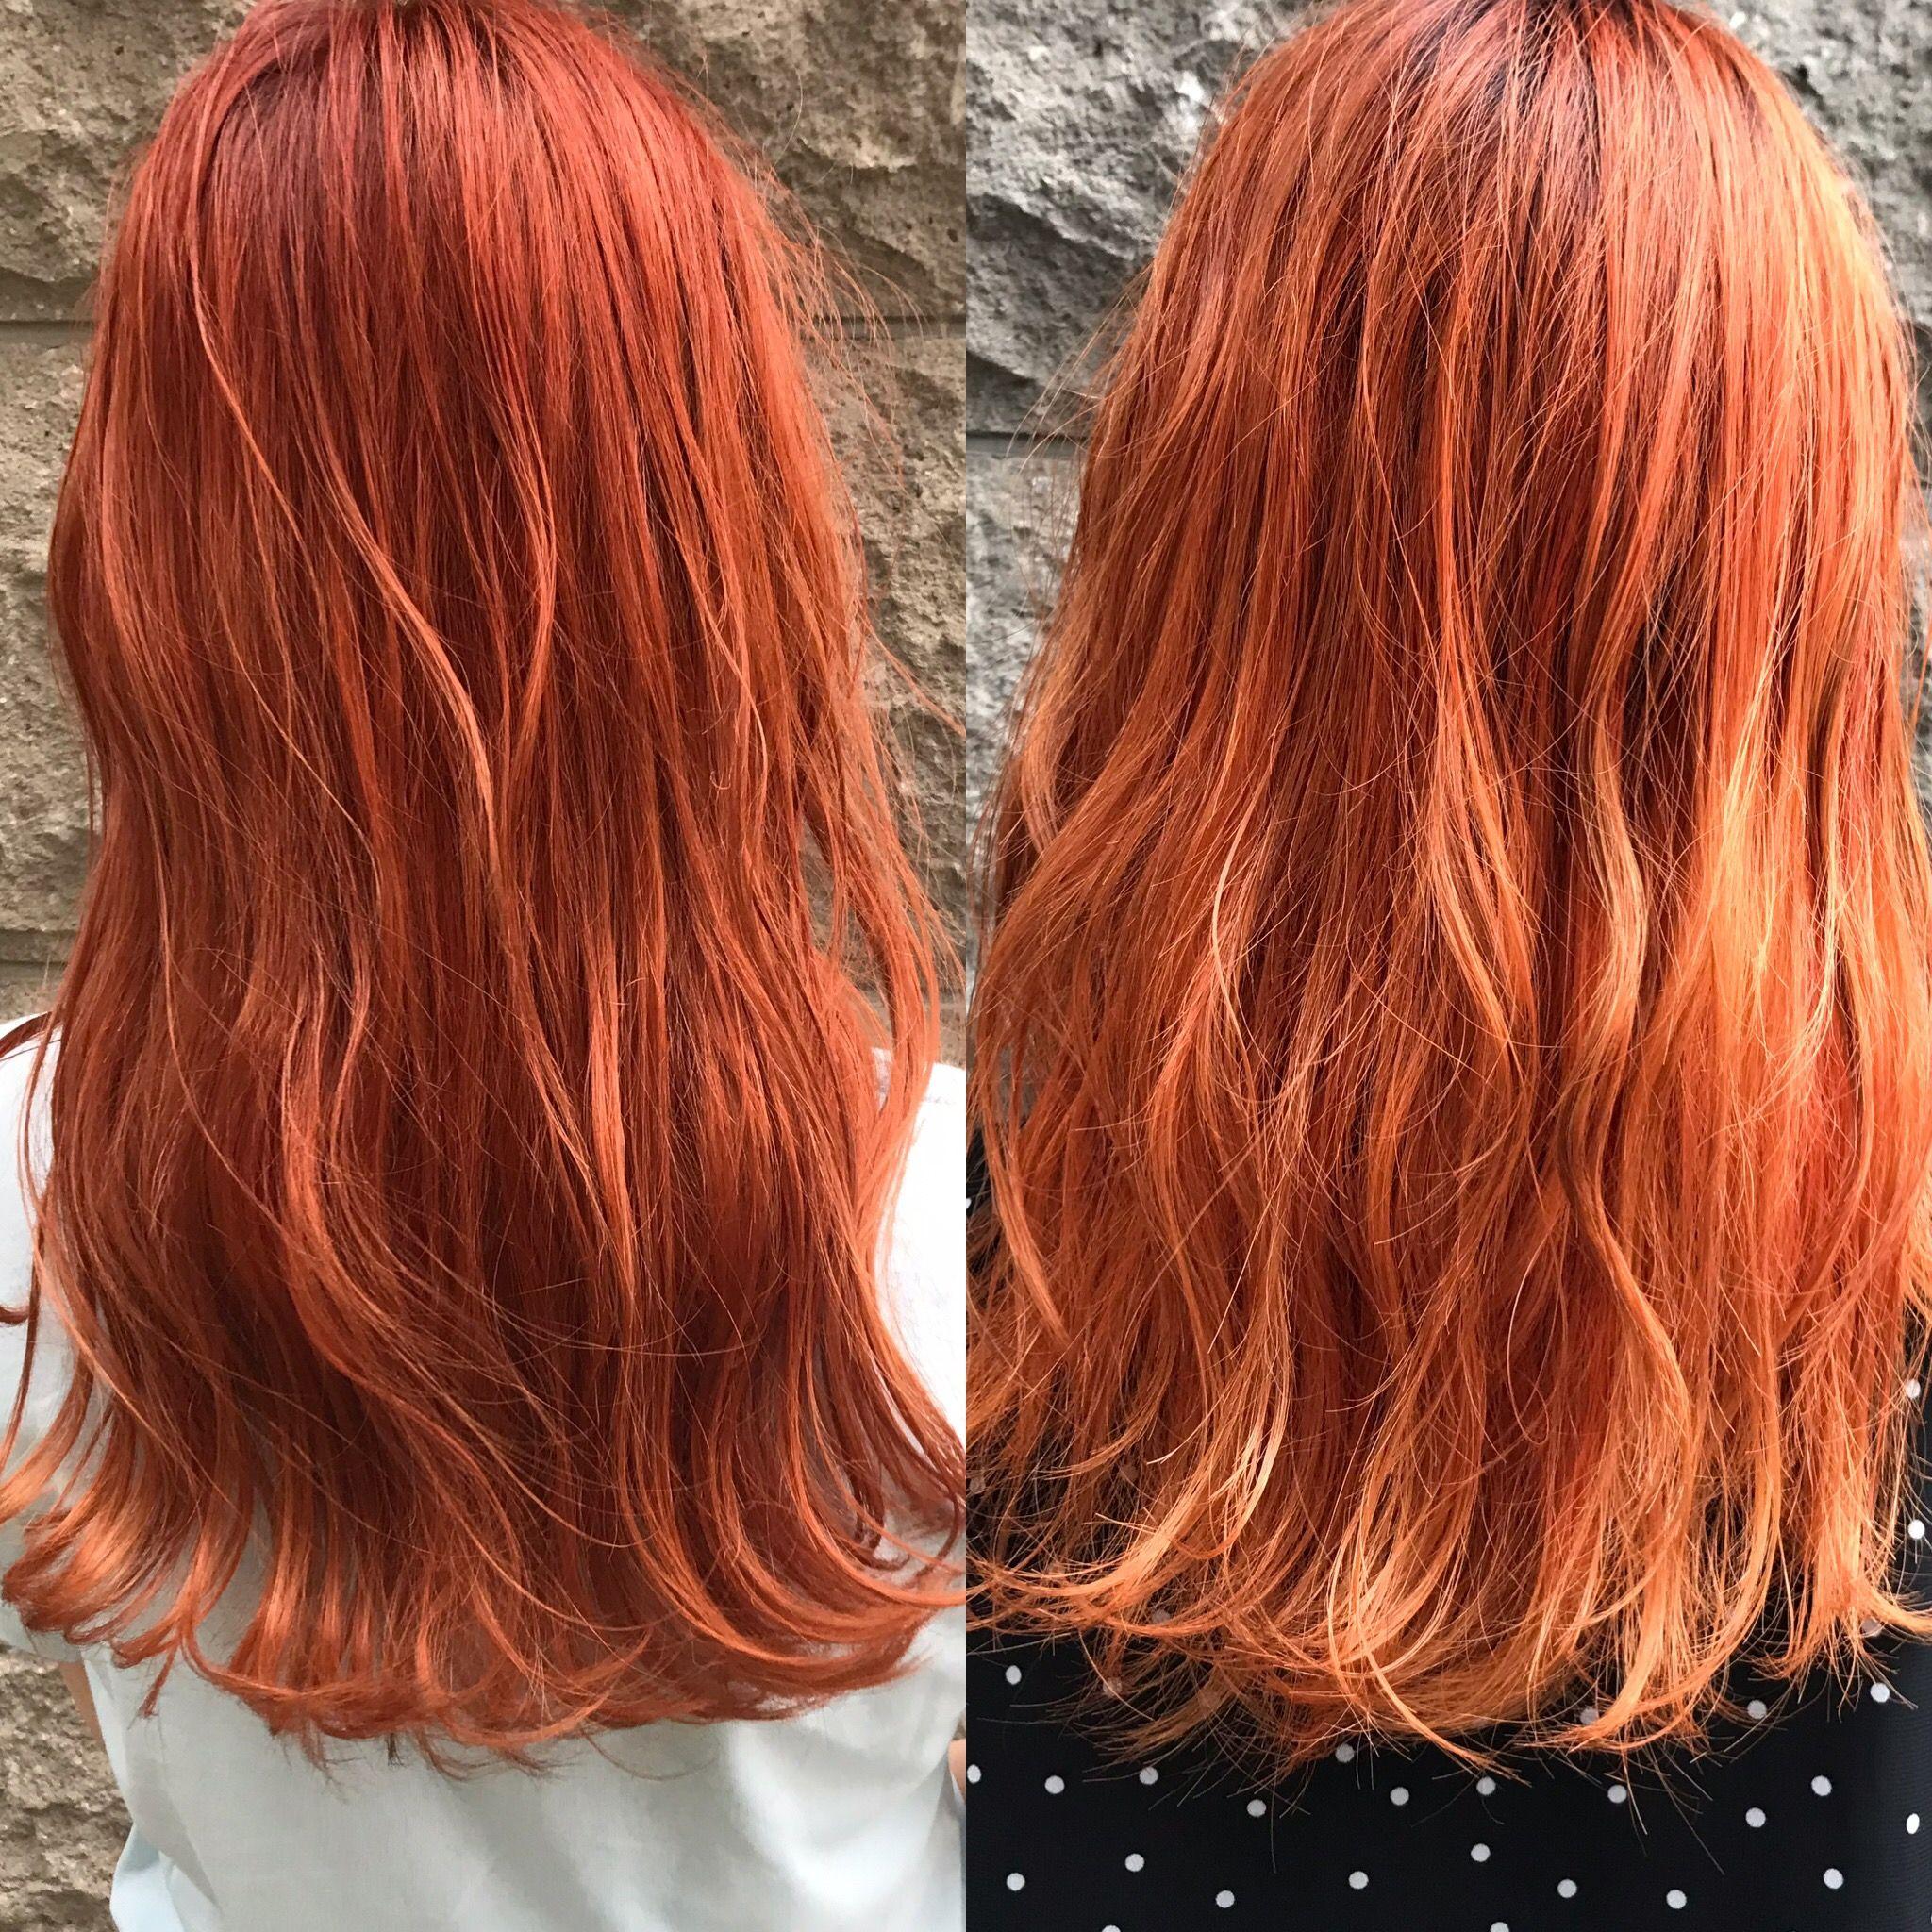 オレンジカラー 髪色 オレンジ オレンジ ヘアカラー ヘアスタイリング